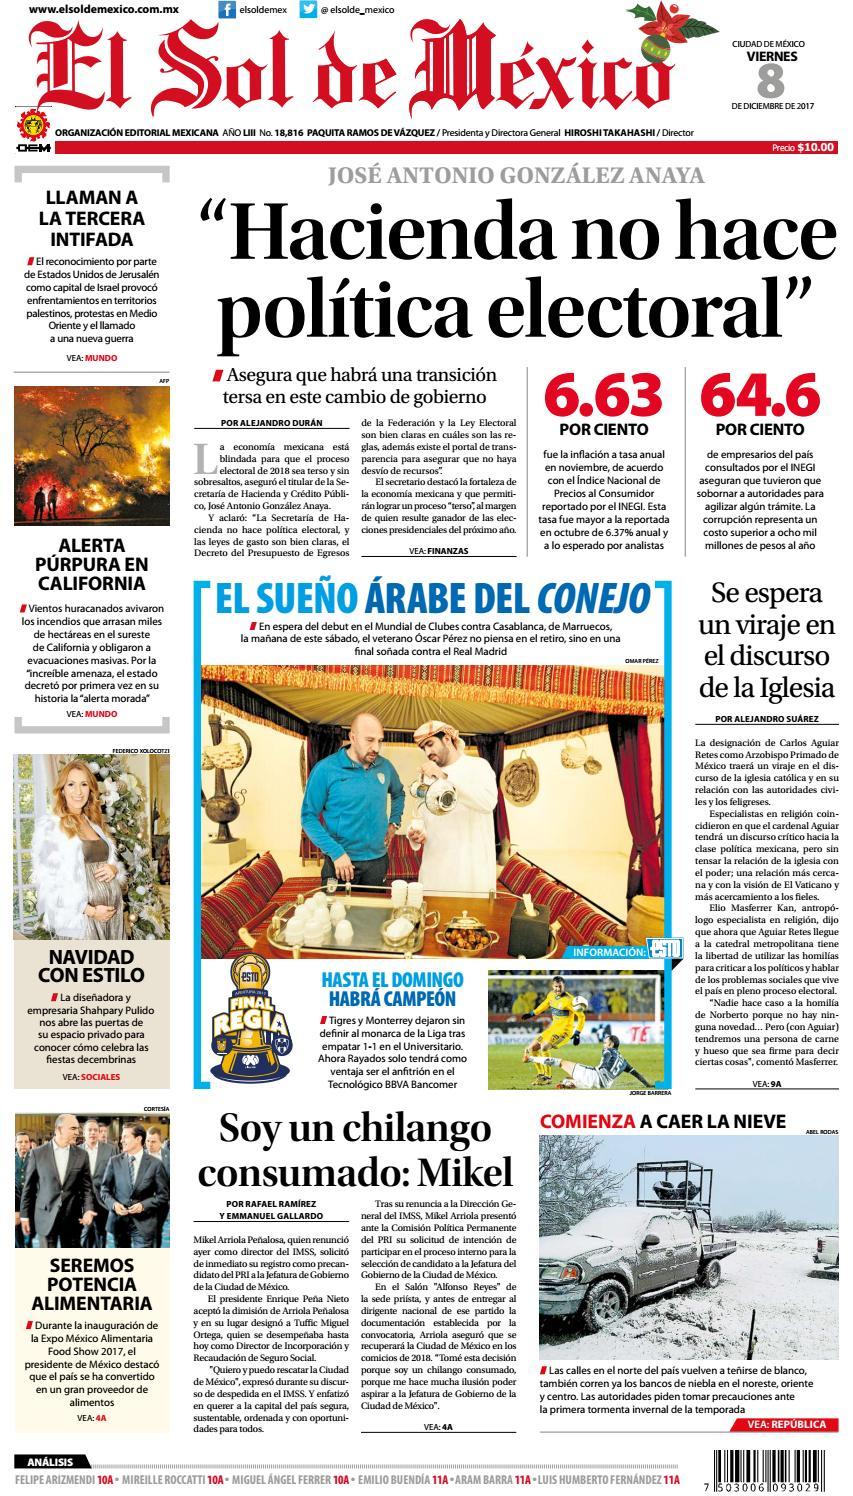 El Sol de México 8 de Diciembre de 2017 by El Sol de México - issuu 9ab0566b6f3